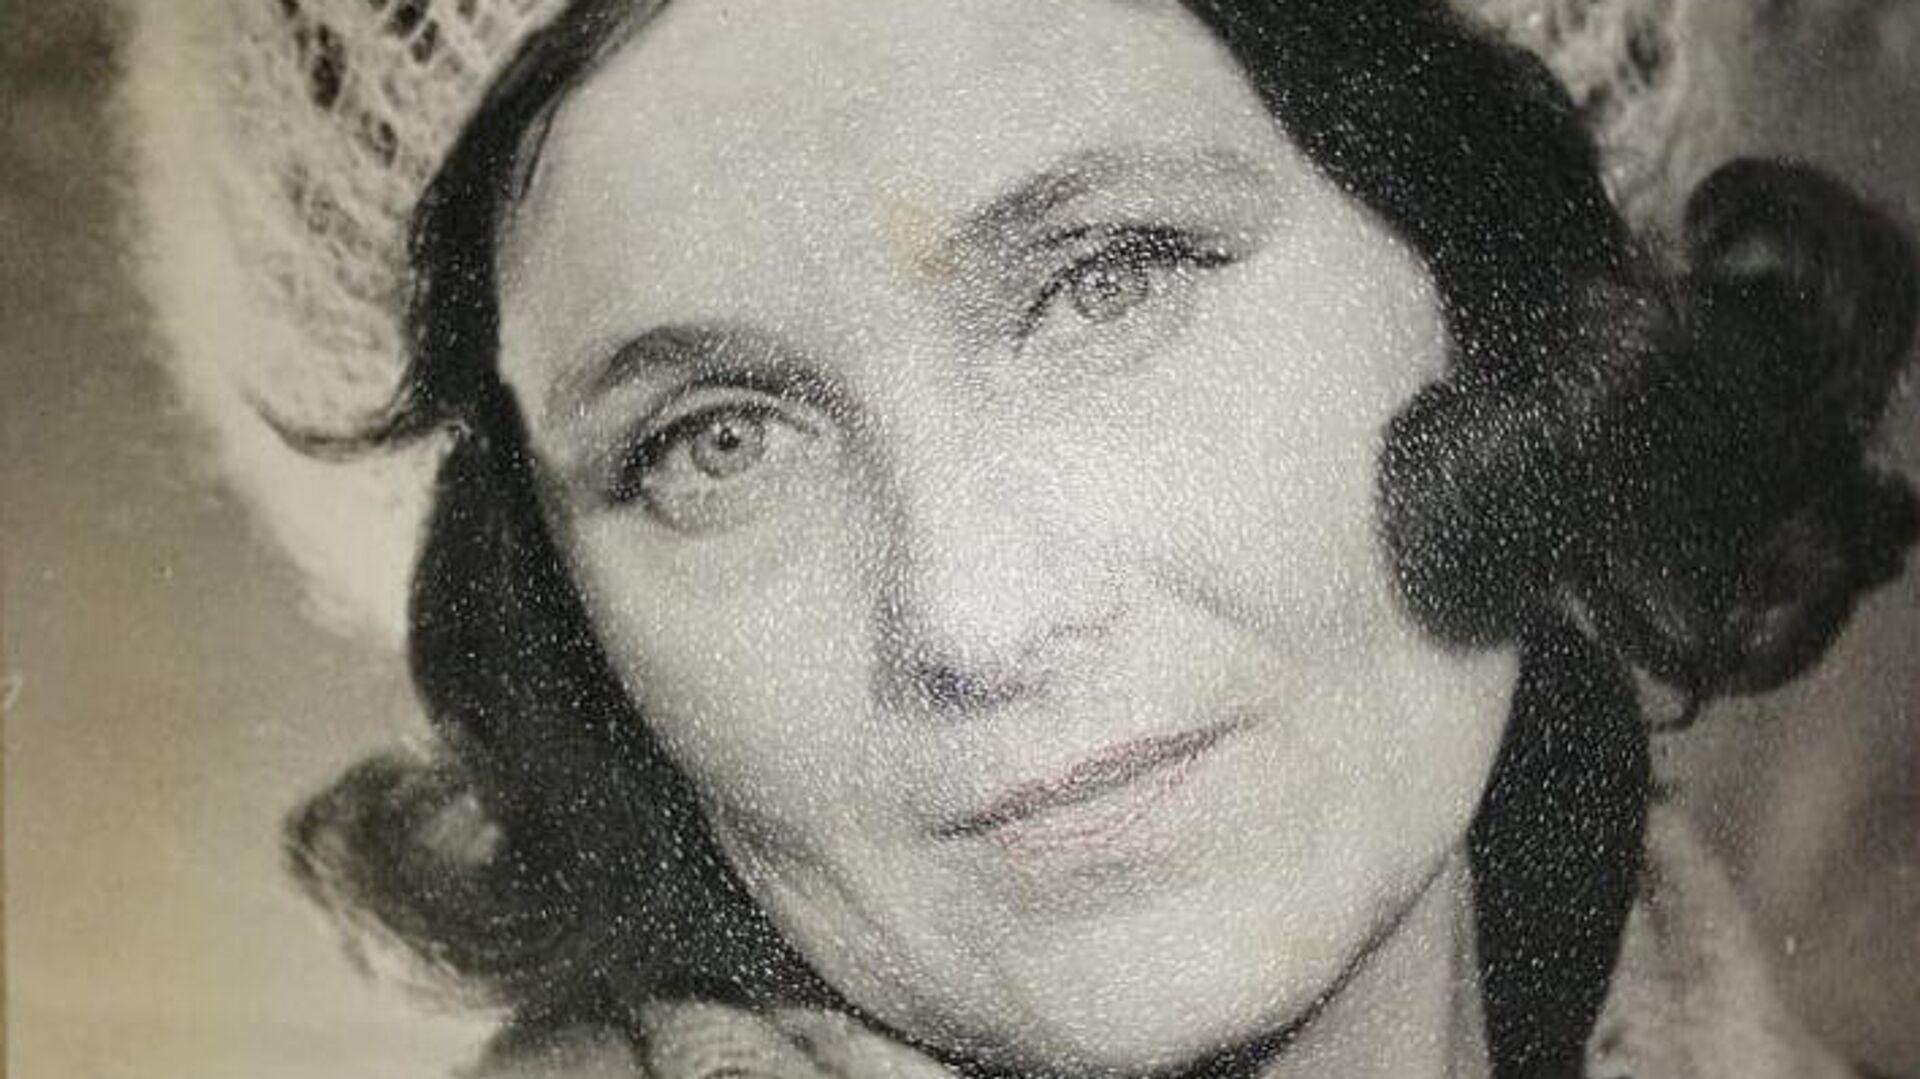 Дирижер-невидимка: суд отпустил убийцу, которого не искали почти 30 лет